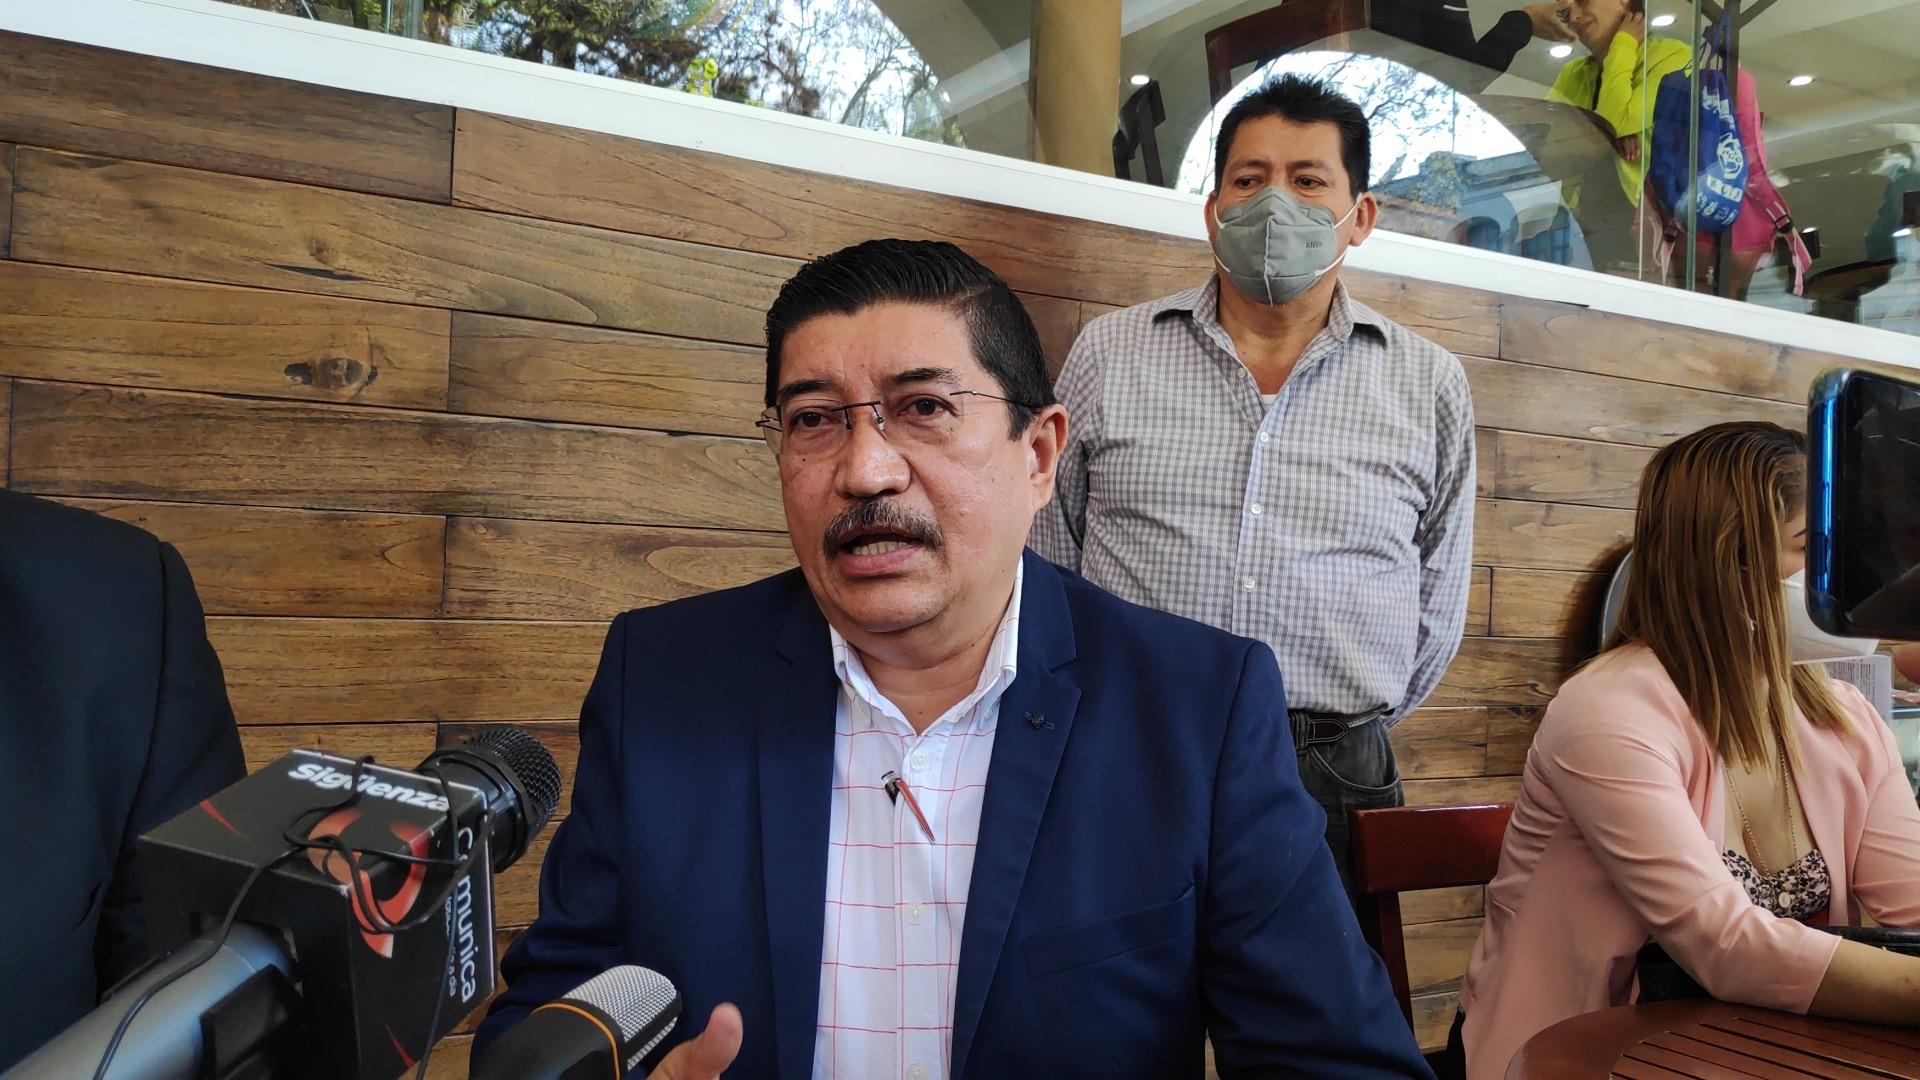 Delitos de ultrajes a la autoridad viola flagrantemente derechos humanos de todos